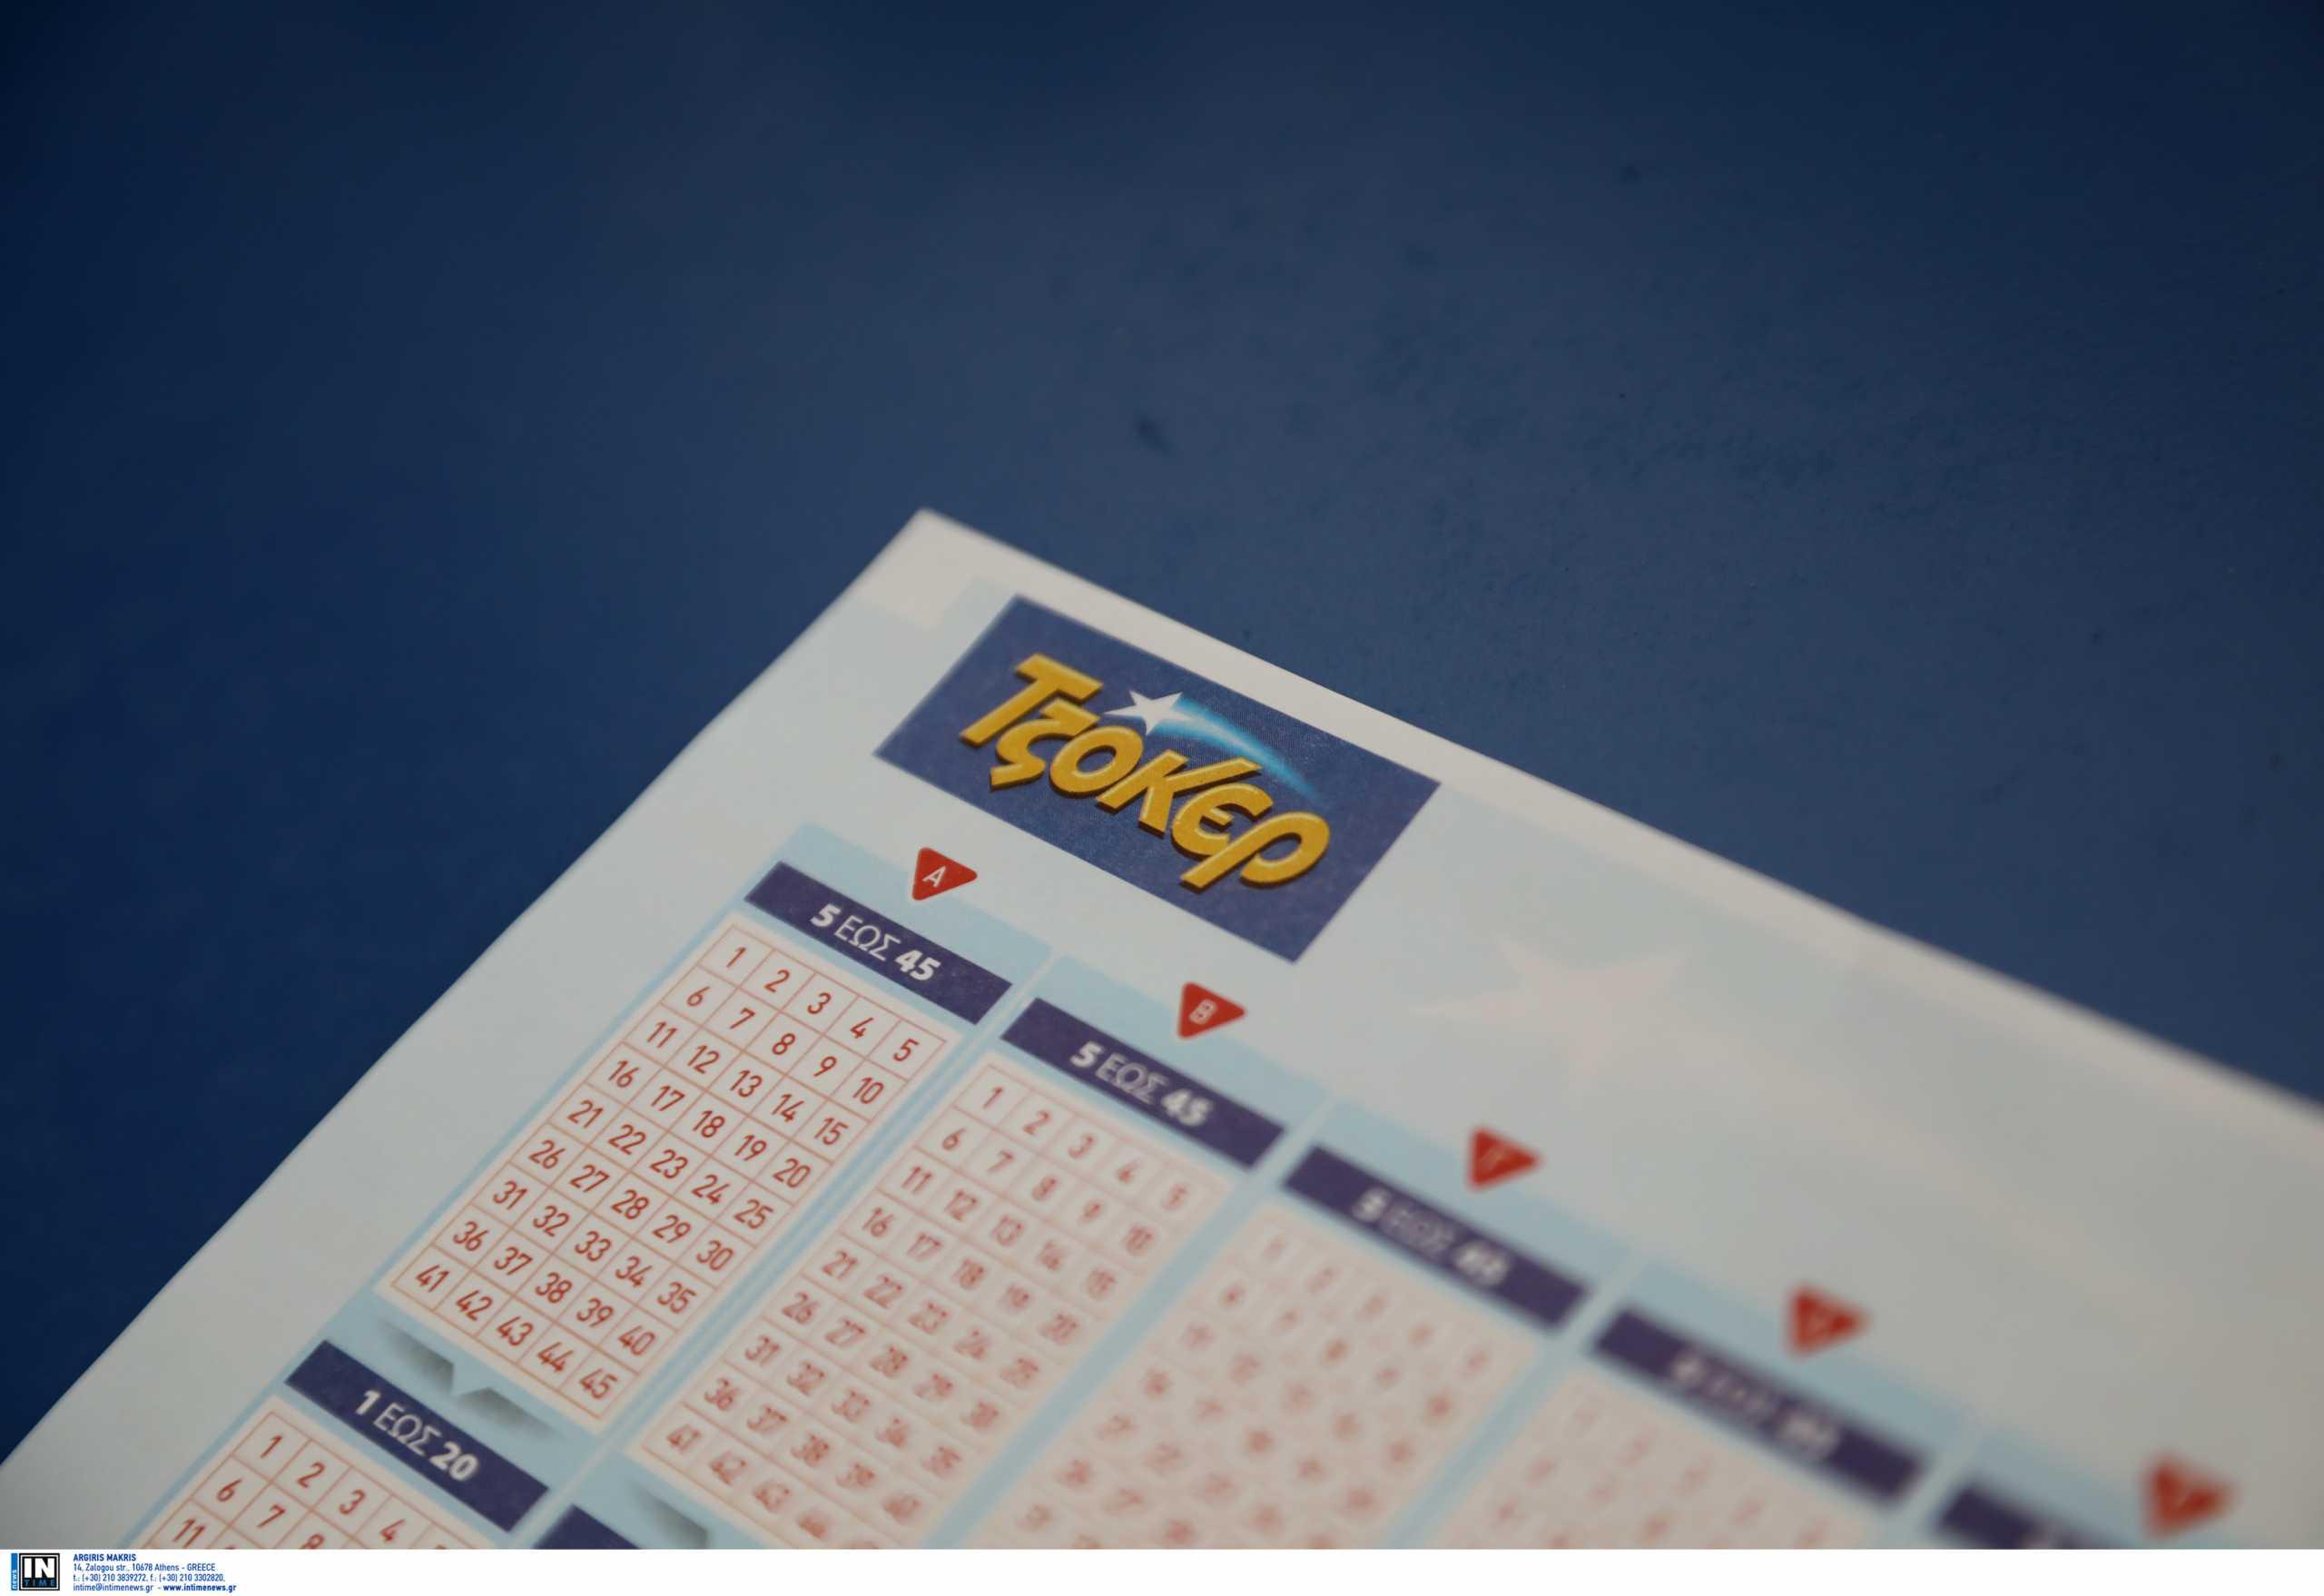 Τζόκερ κλήρωση 2260: Αυτοί είναι οι τυχεροί αριθμοί σήμερα 18/03